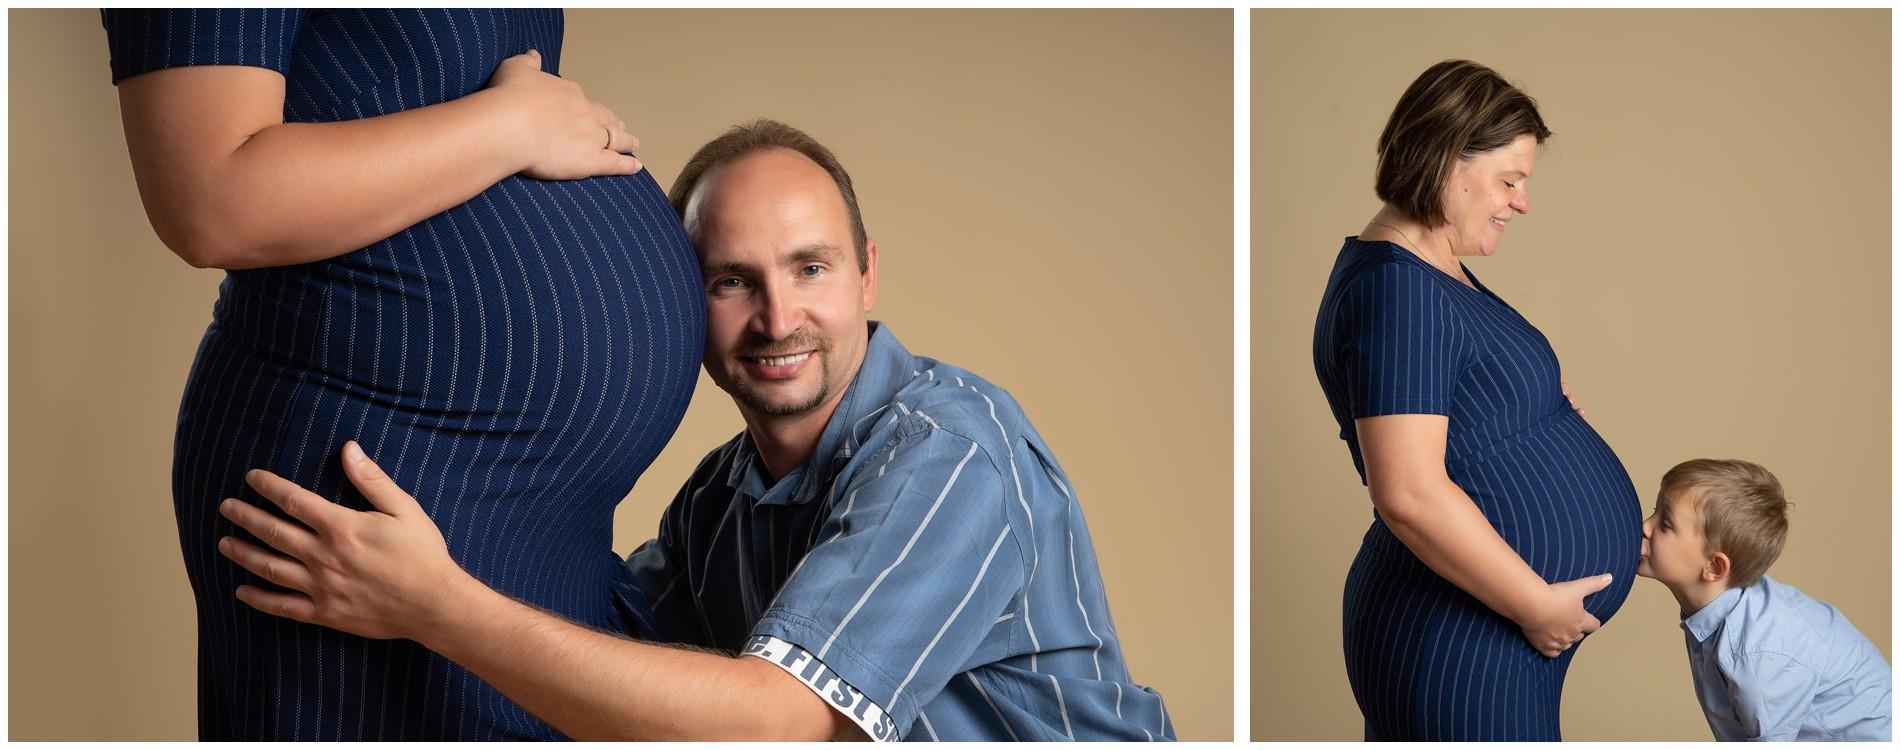 19-08-05- 04 Neugeborenenfotos Plauen Stephanie Scharschmidt